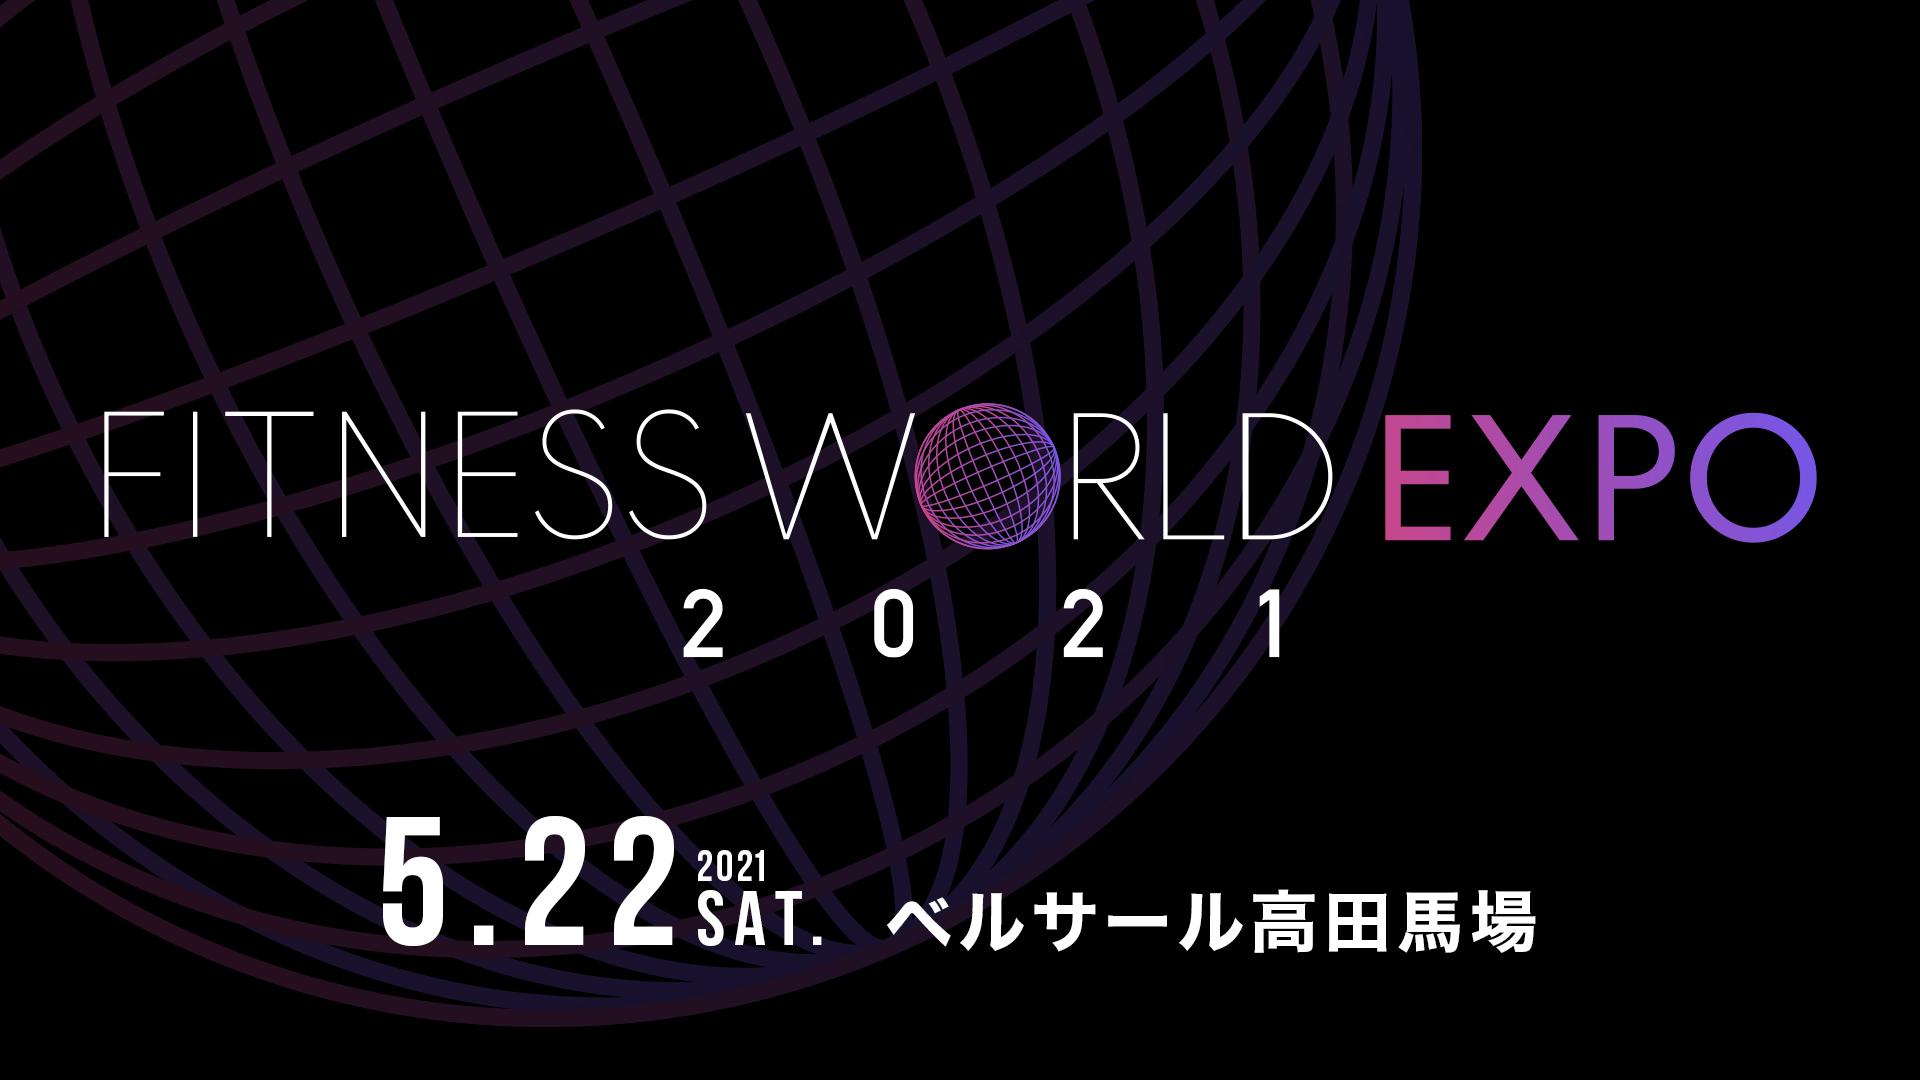 Fitness World Expo